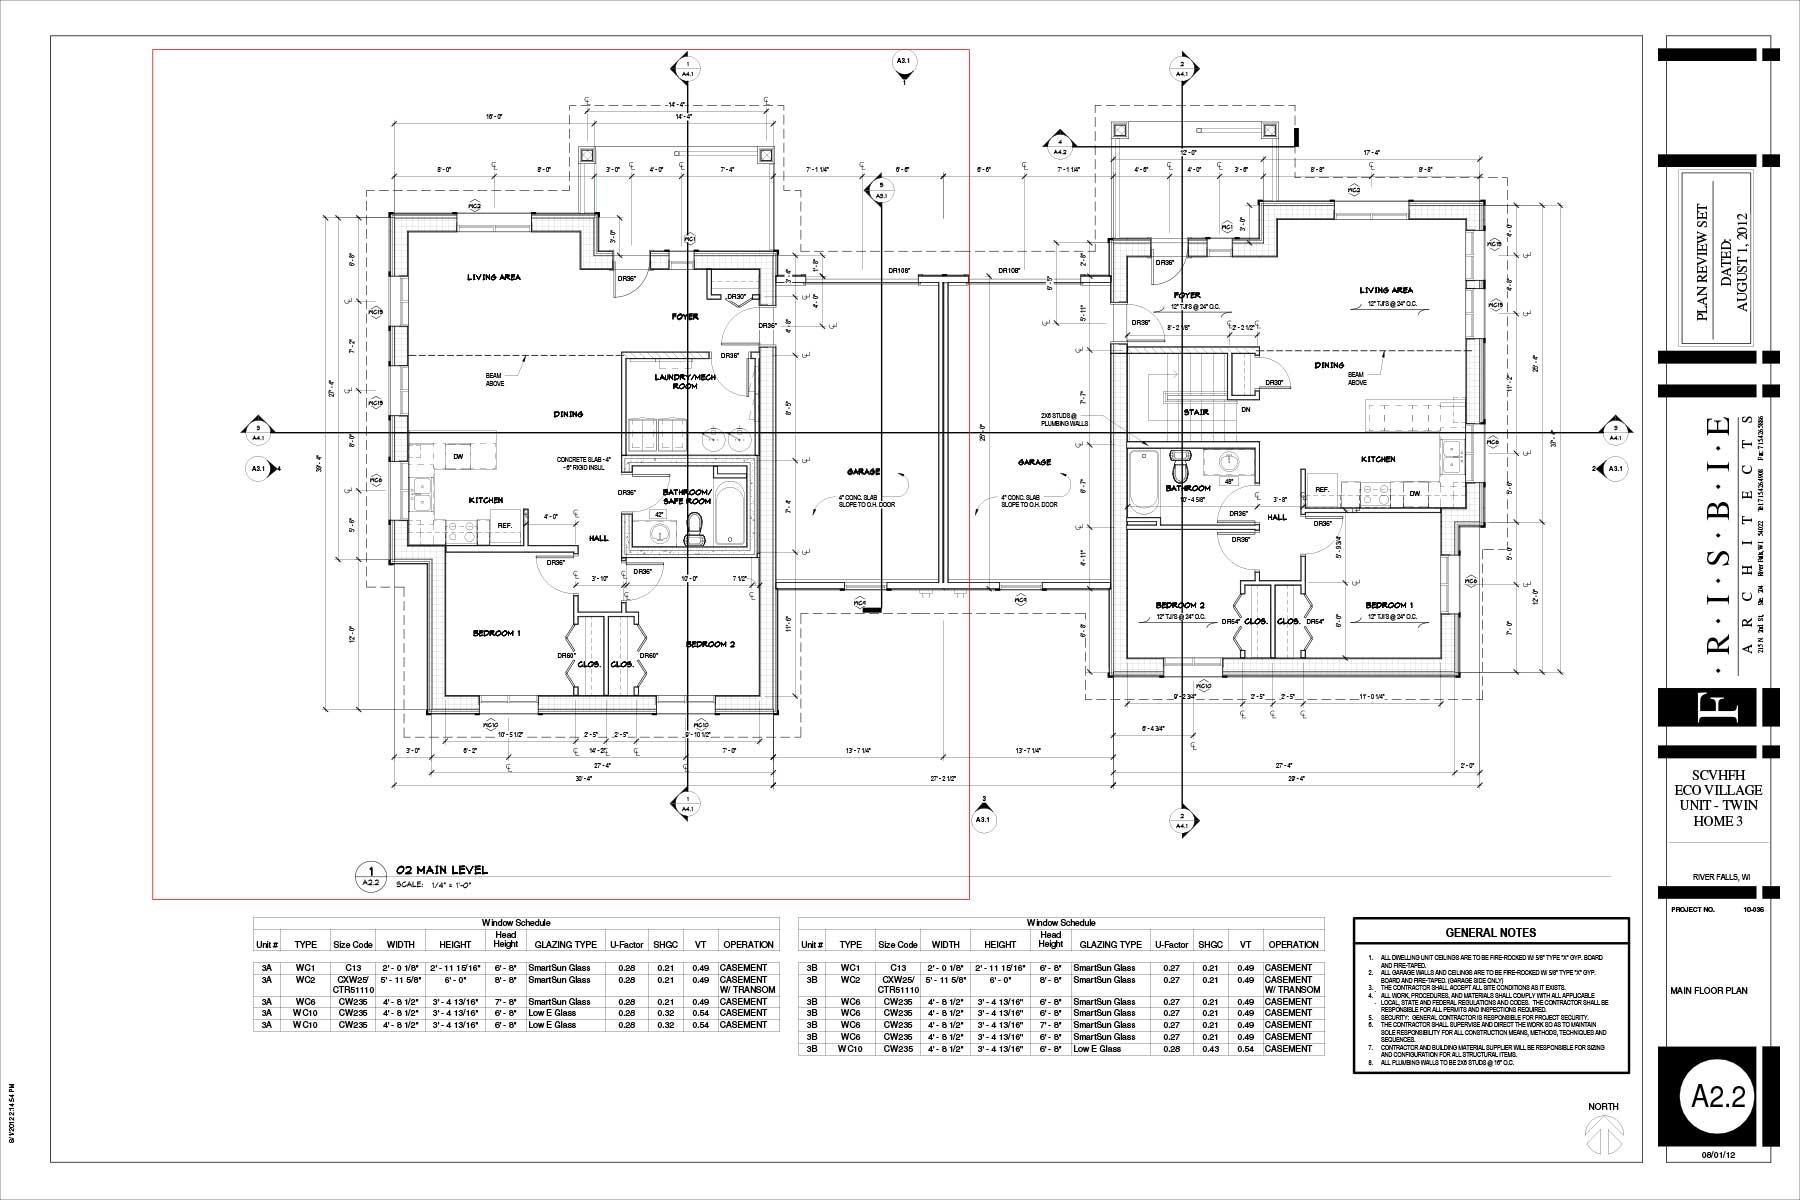 Fujitsu Heat Pump User Manual